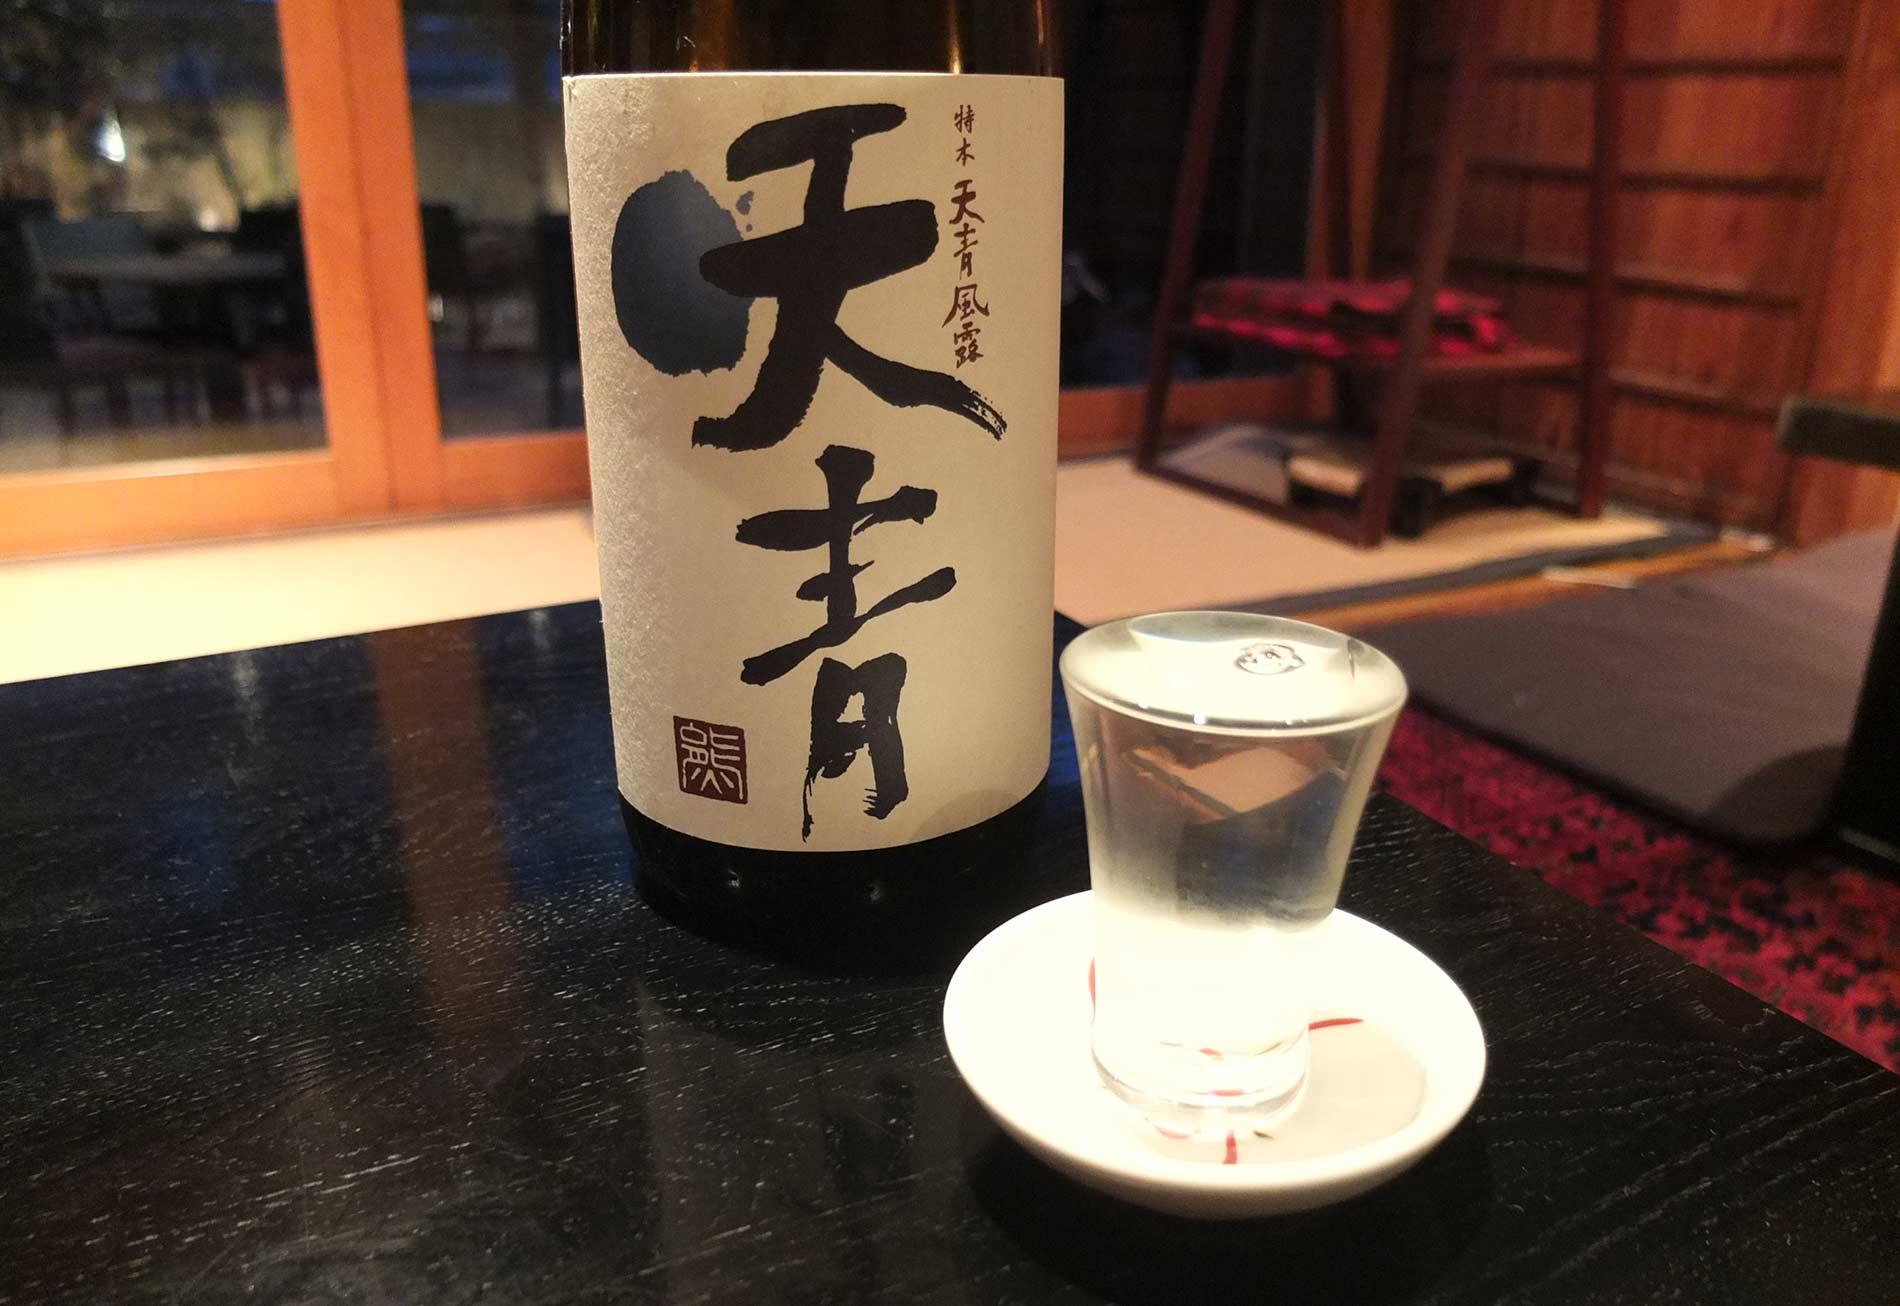 キリリと冷えた日本酒とお蕎麦の相性は最高です